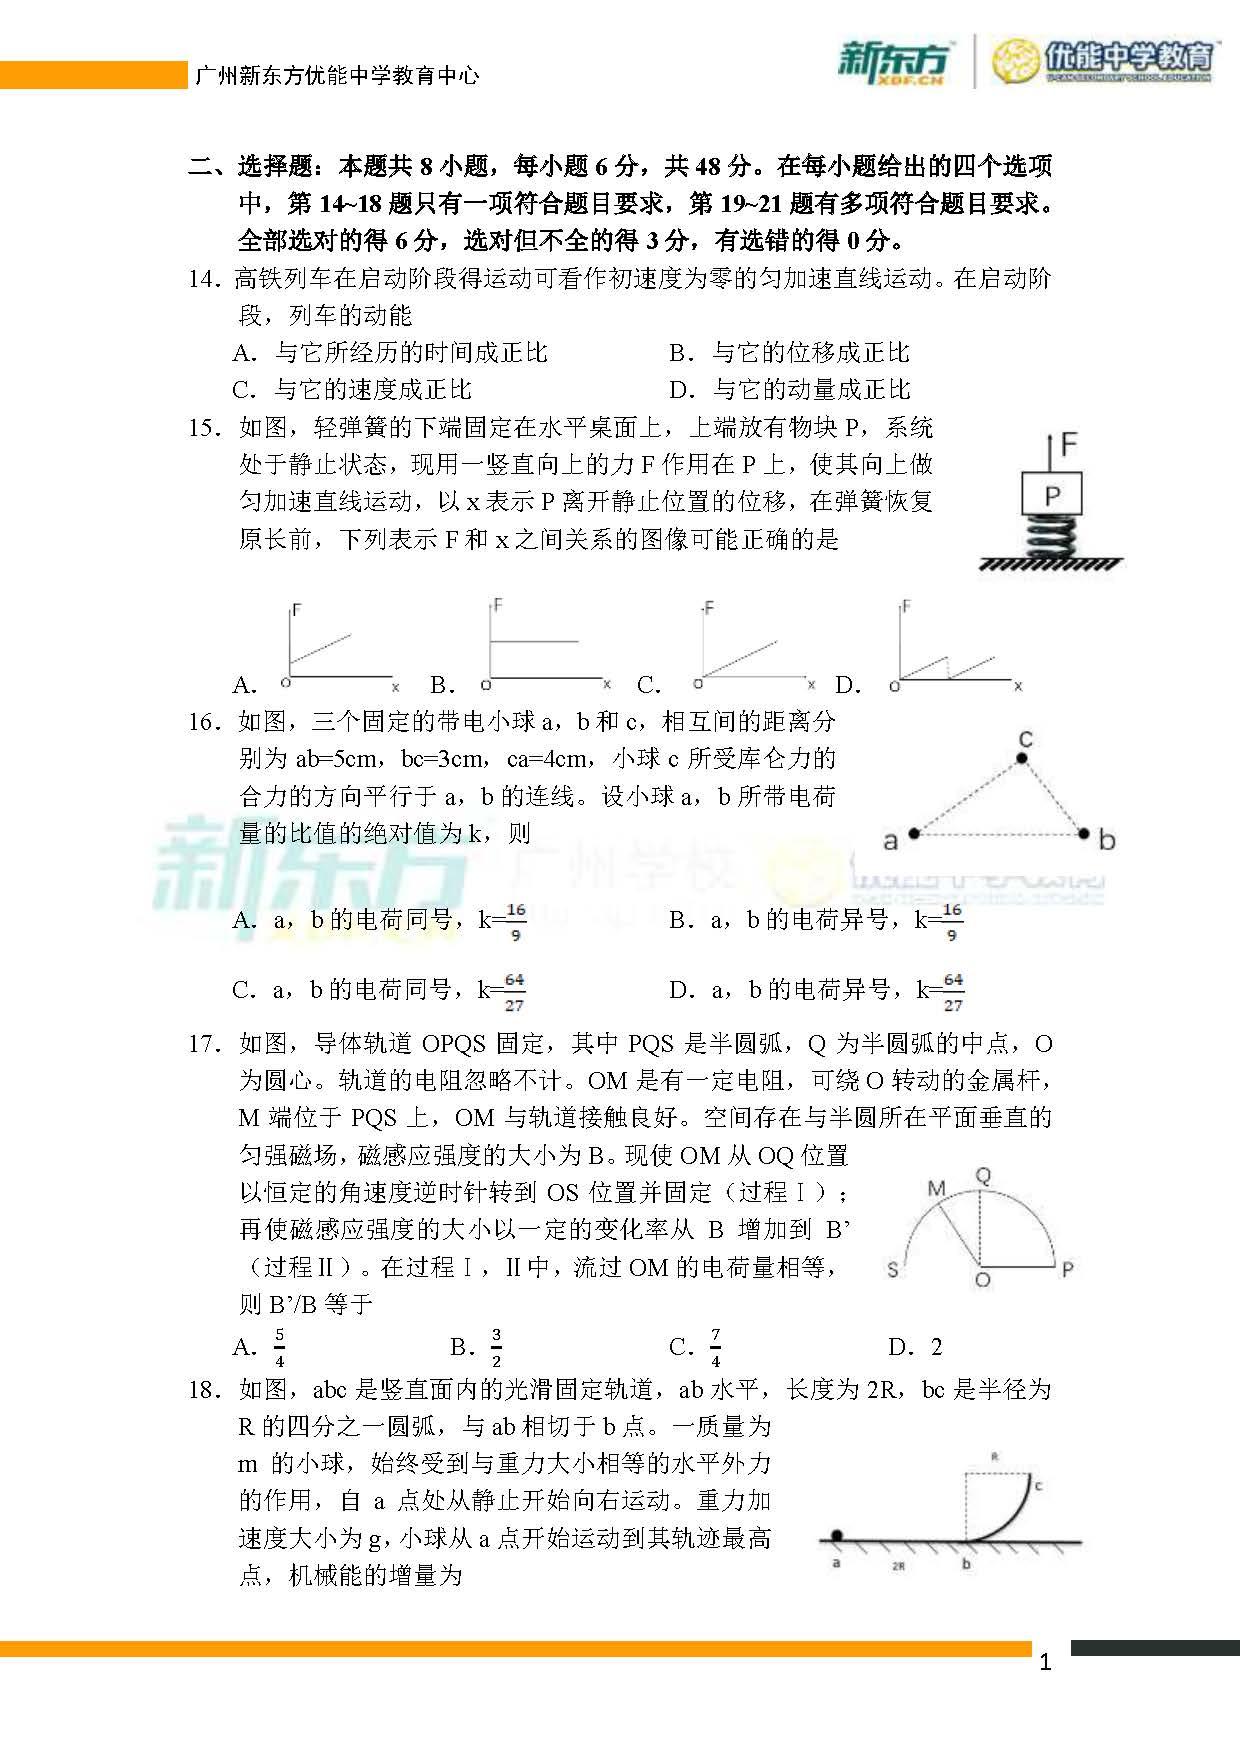 2018全国卷1高考物理试题(广州新东方)